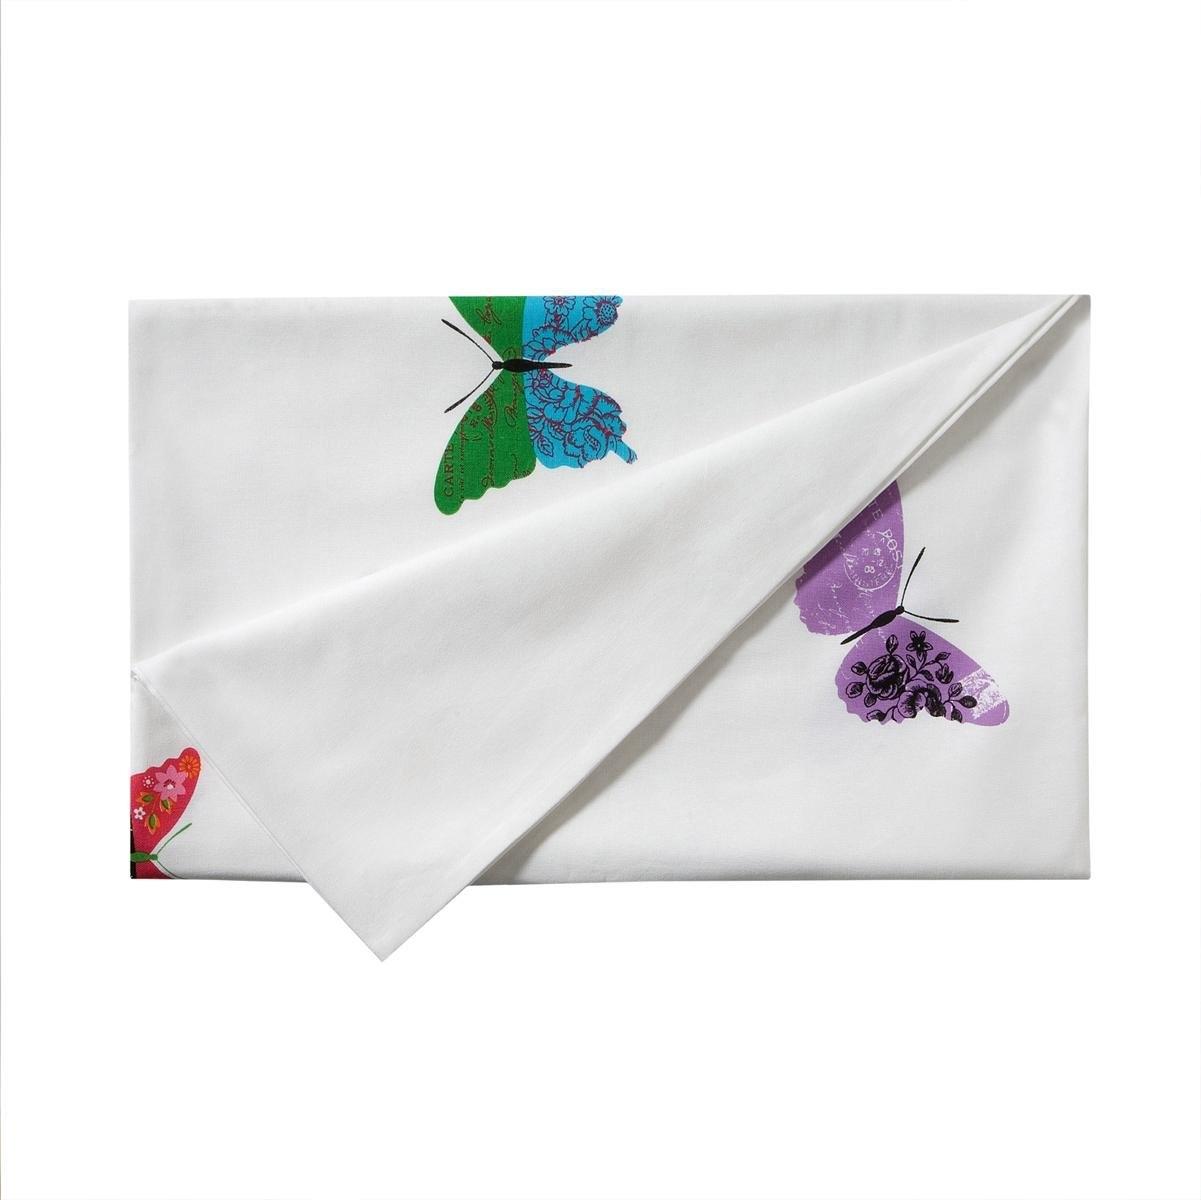 Ddddd tafellaken »Butterfly« - verschillende betaalmethodes